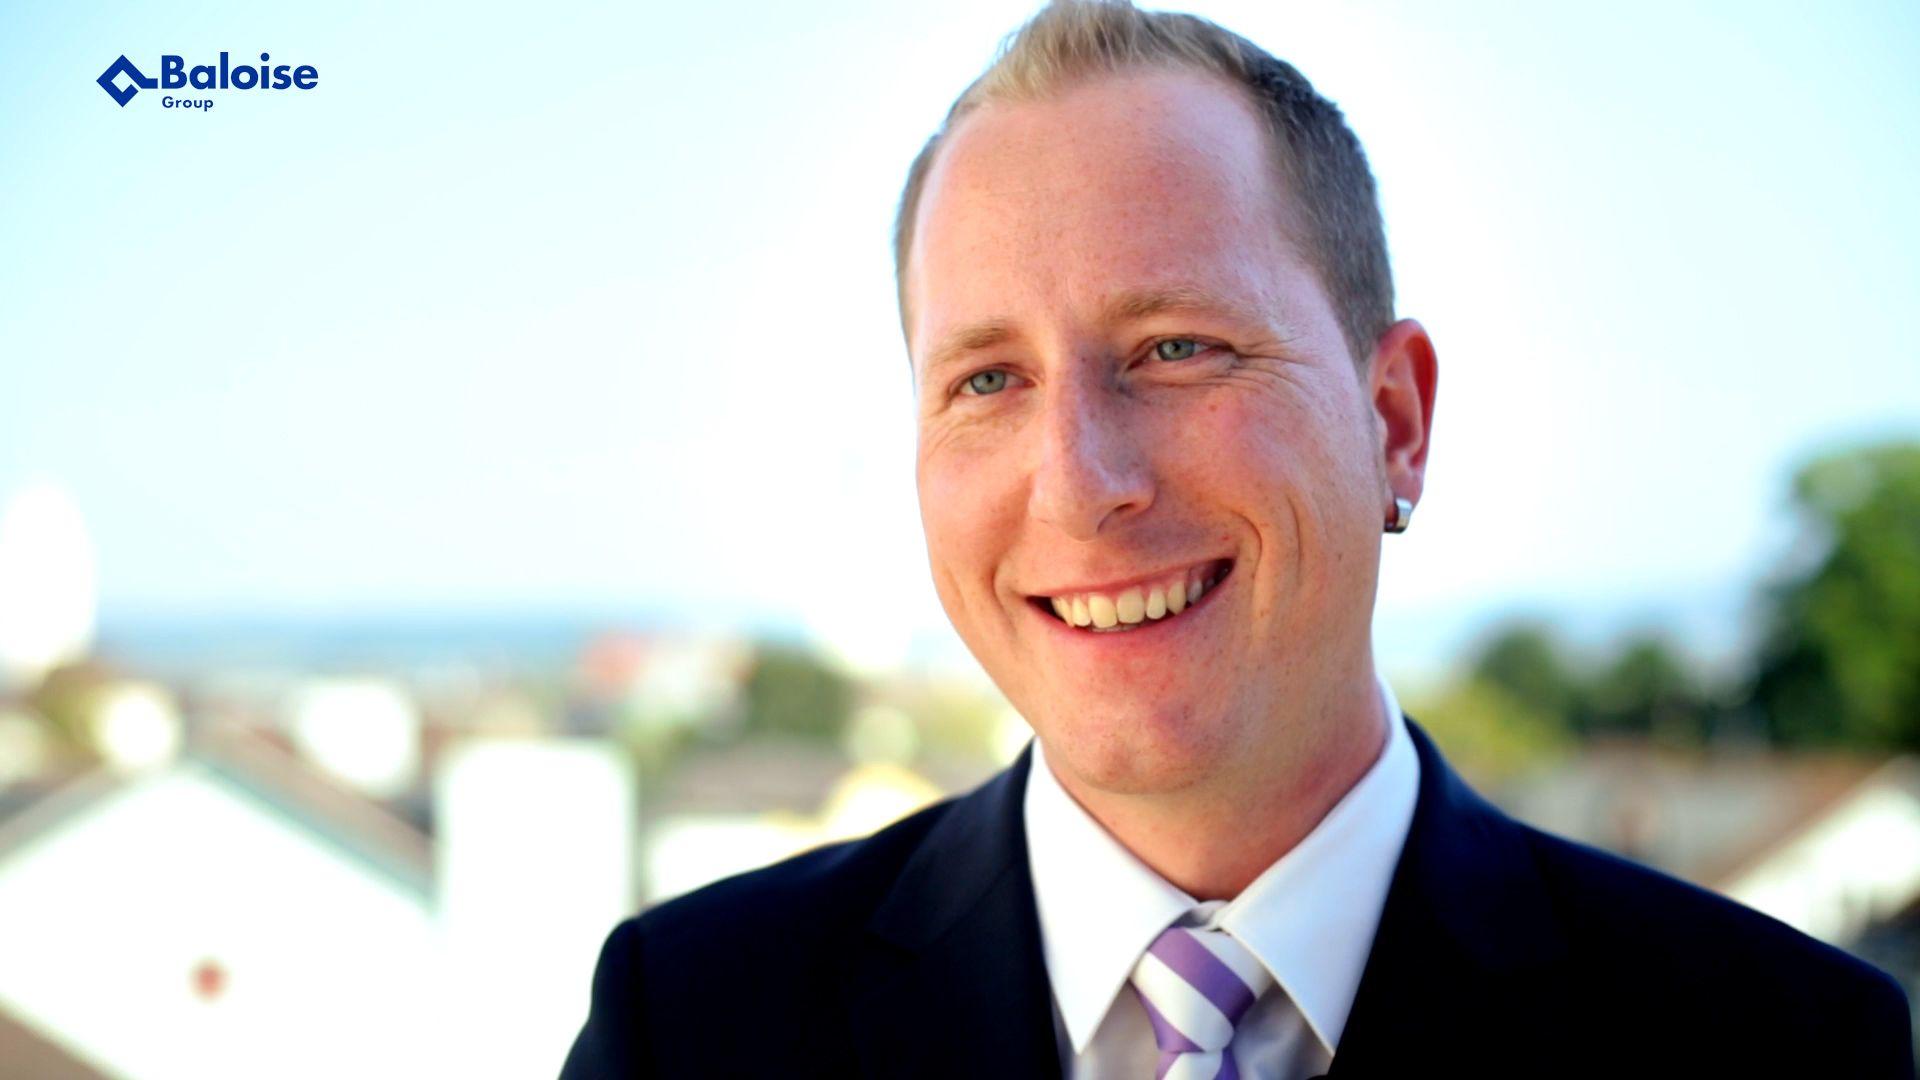 Willst du wissen, wie es ist Kundenberater bei den Basler Versicherungen zu sein? Schau dir das Video von Matthias an! Er erzählt aus seinem Alltag als #Kundenberater: http://baloisejobs.com/?p=11134 #Baloise #Karriere #Aussendienst #Video